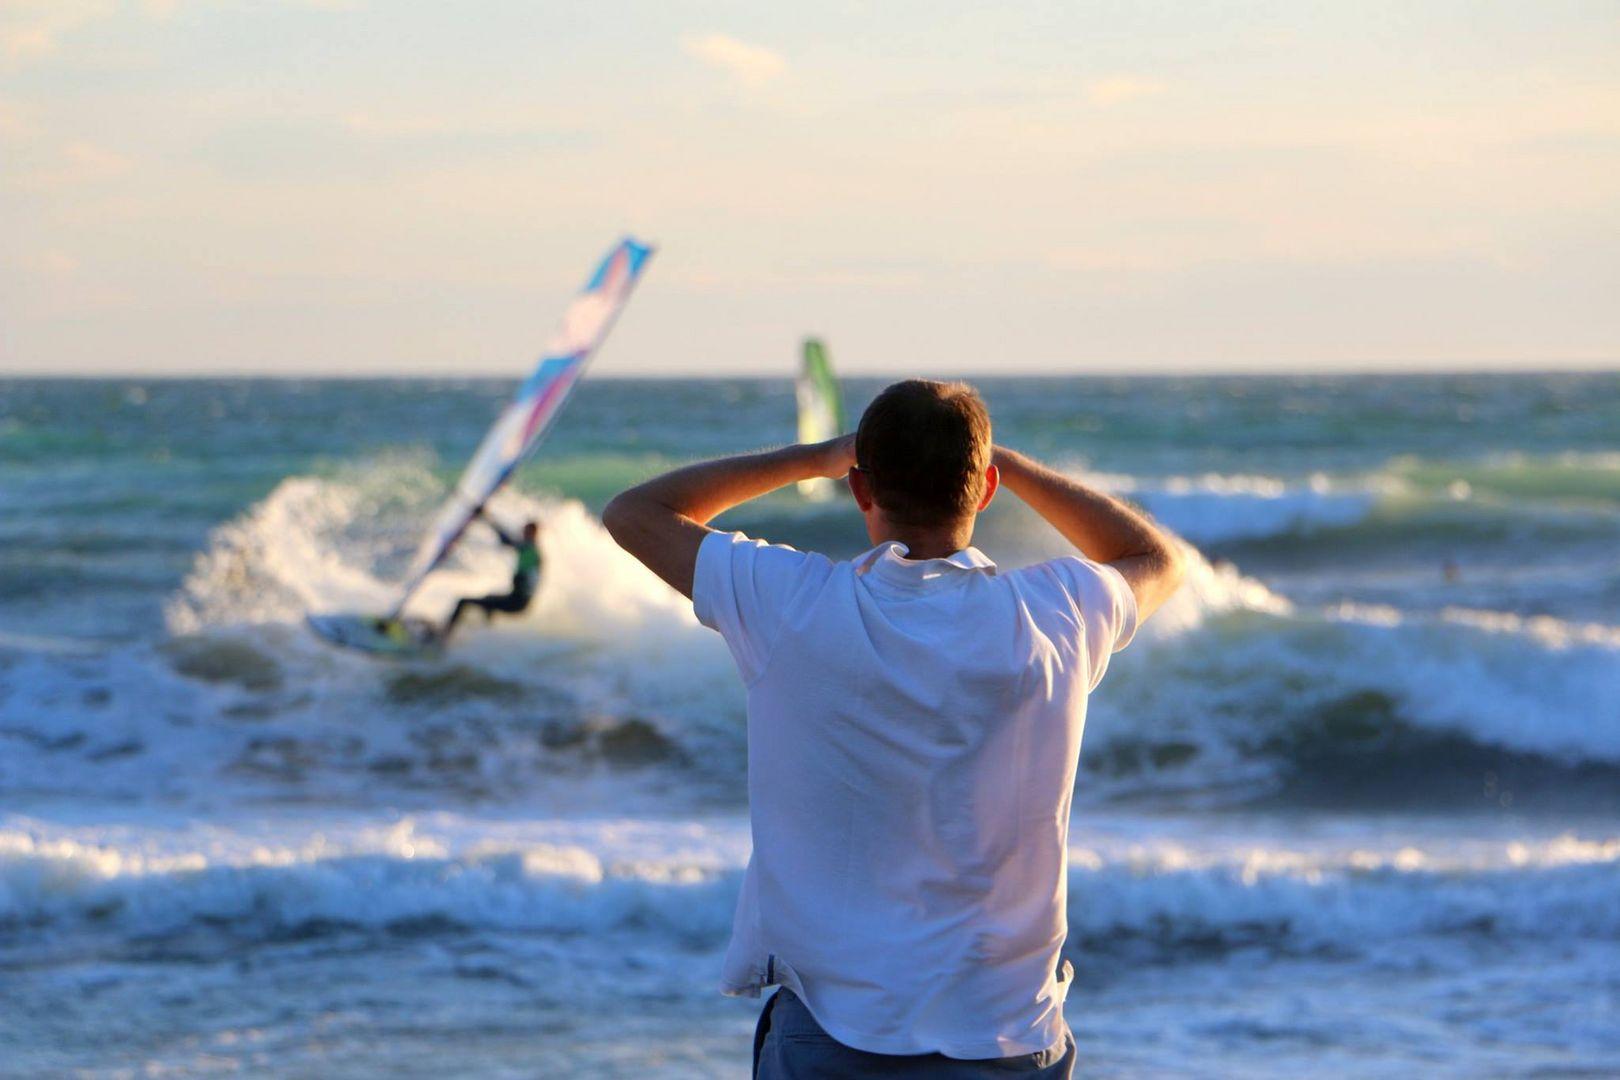 plage de surf.